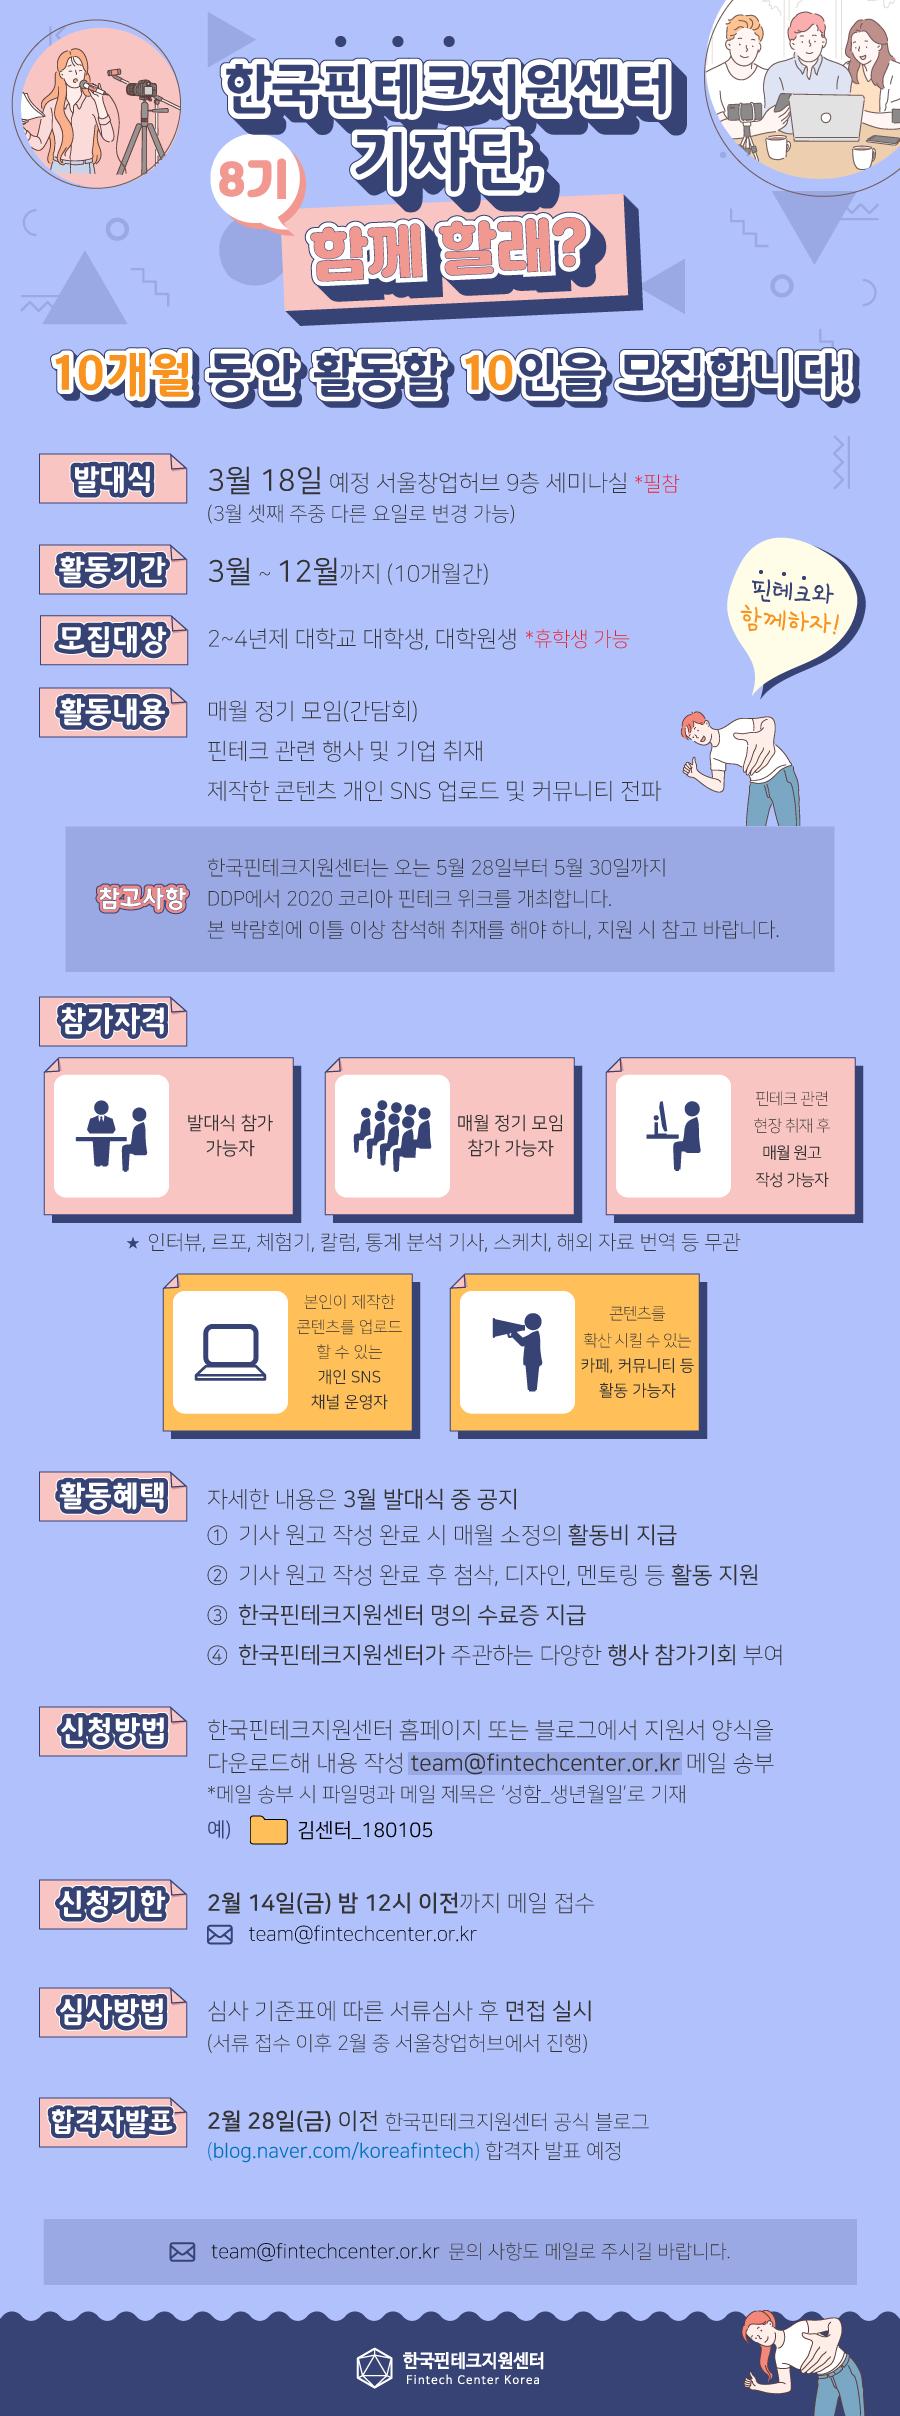 2. 한국핀테크지원센터 기자단 8기 함께할래(상세페이지).png